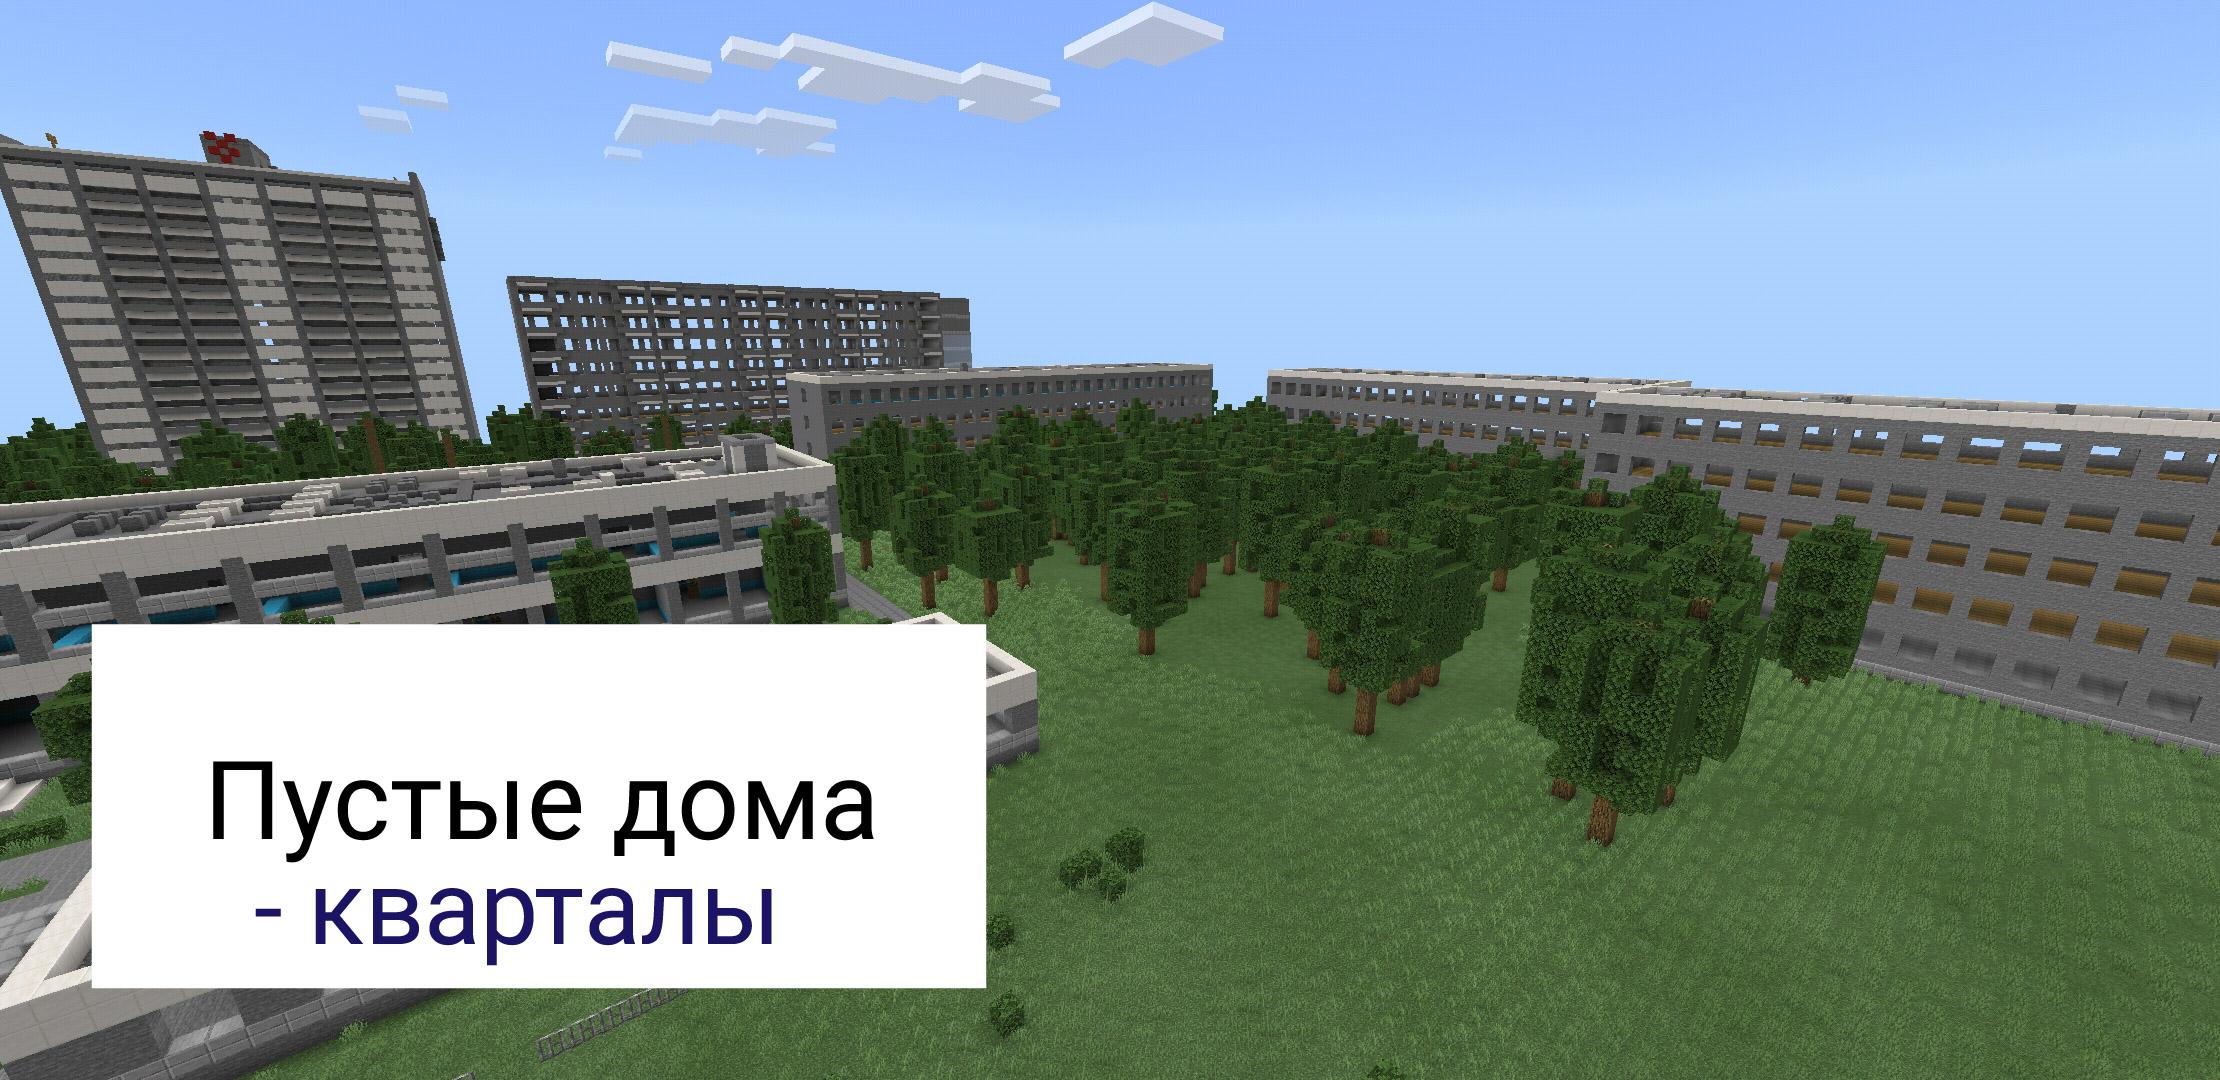 Пустые дома на карте для Майнкрафт ПЕ